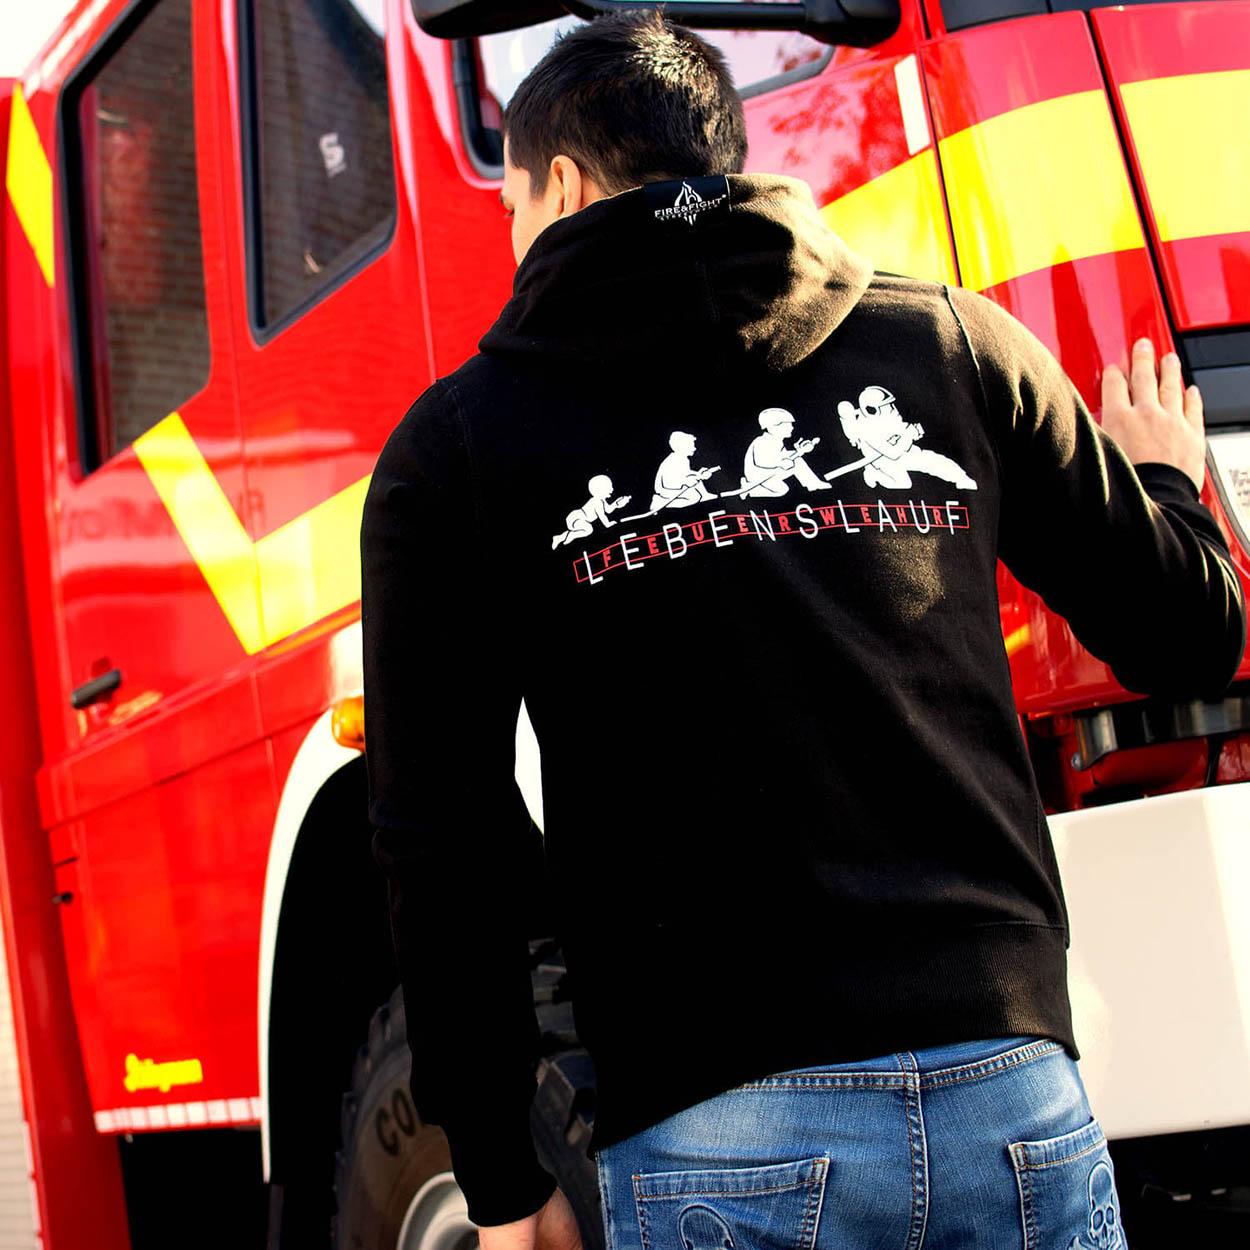 Feuerwehr Lebenslauf Kapuzenjacke Männer schwarz